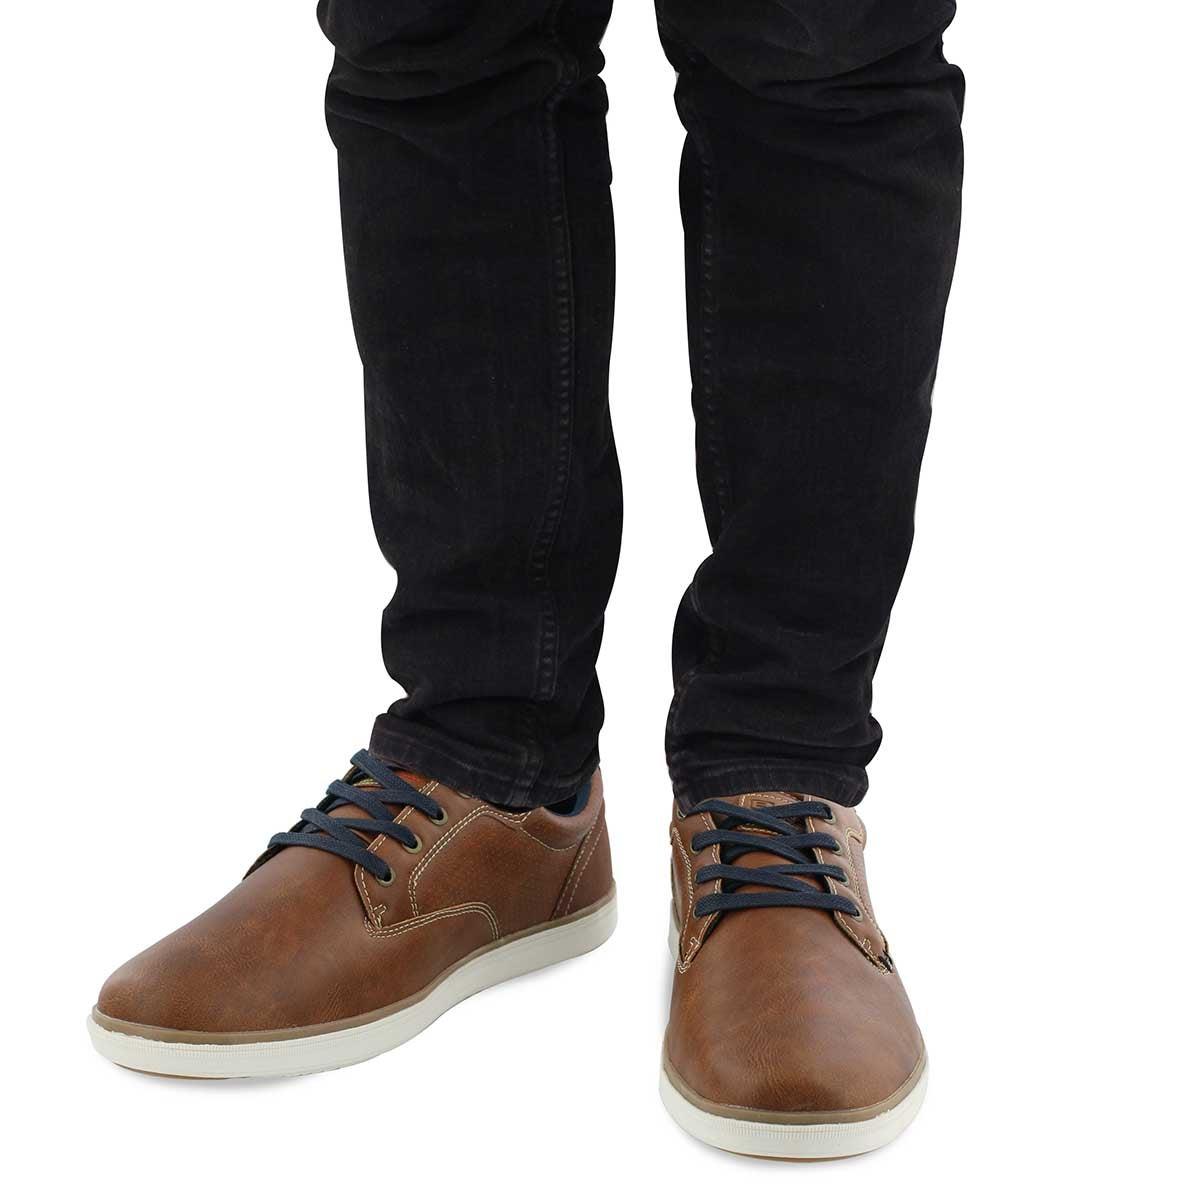 Mns Barnes cognac lace up casual sneaker